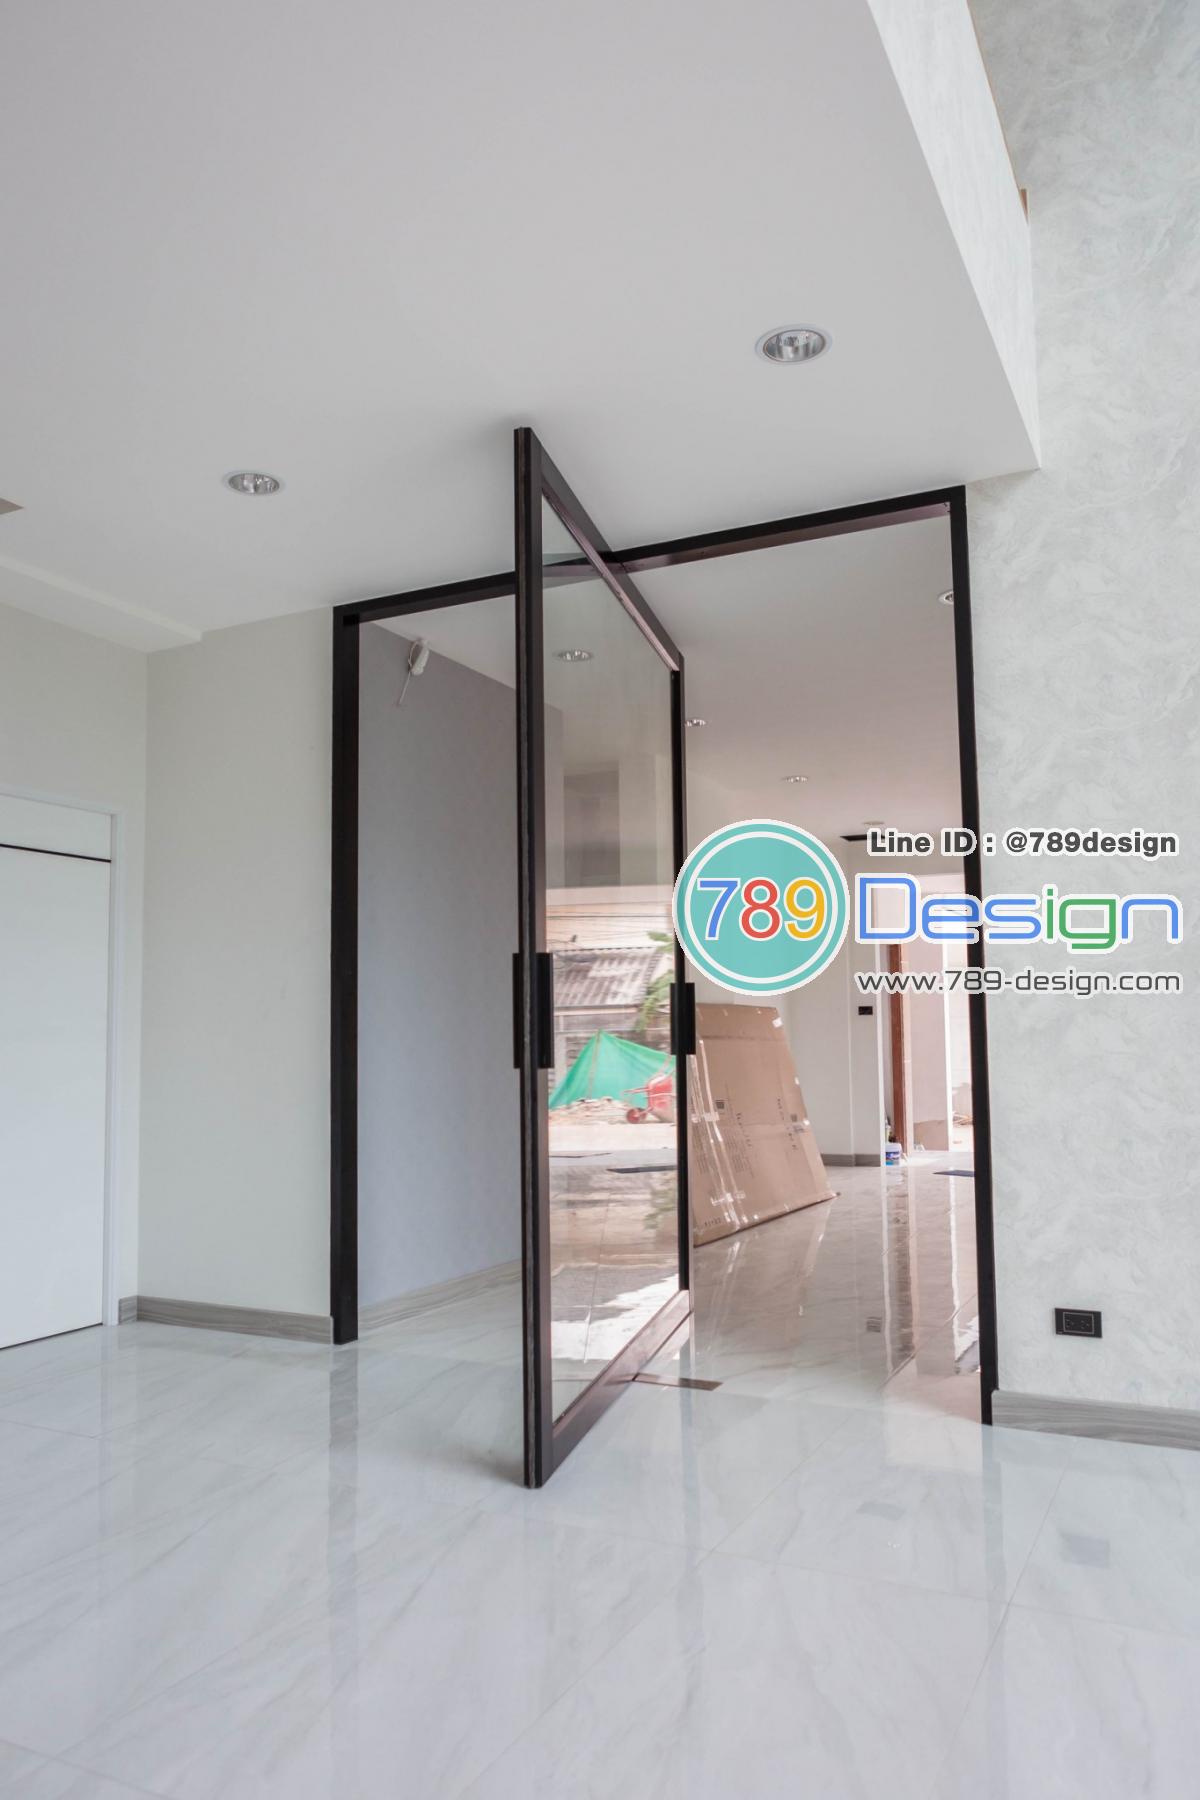 บานจุดหมุนโช็ค360' กระจกใส่8มิลเทมเปอร์ กว้าง.230แท x สูง270cm